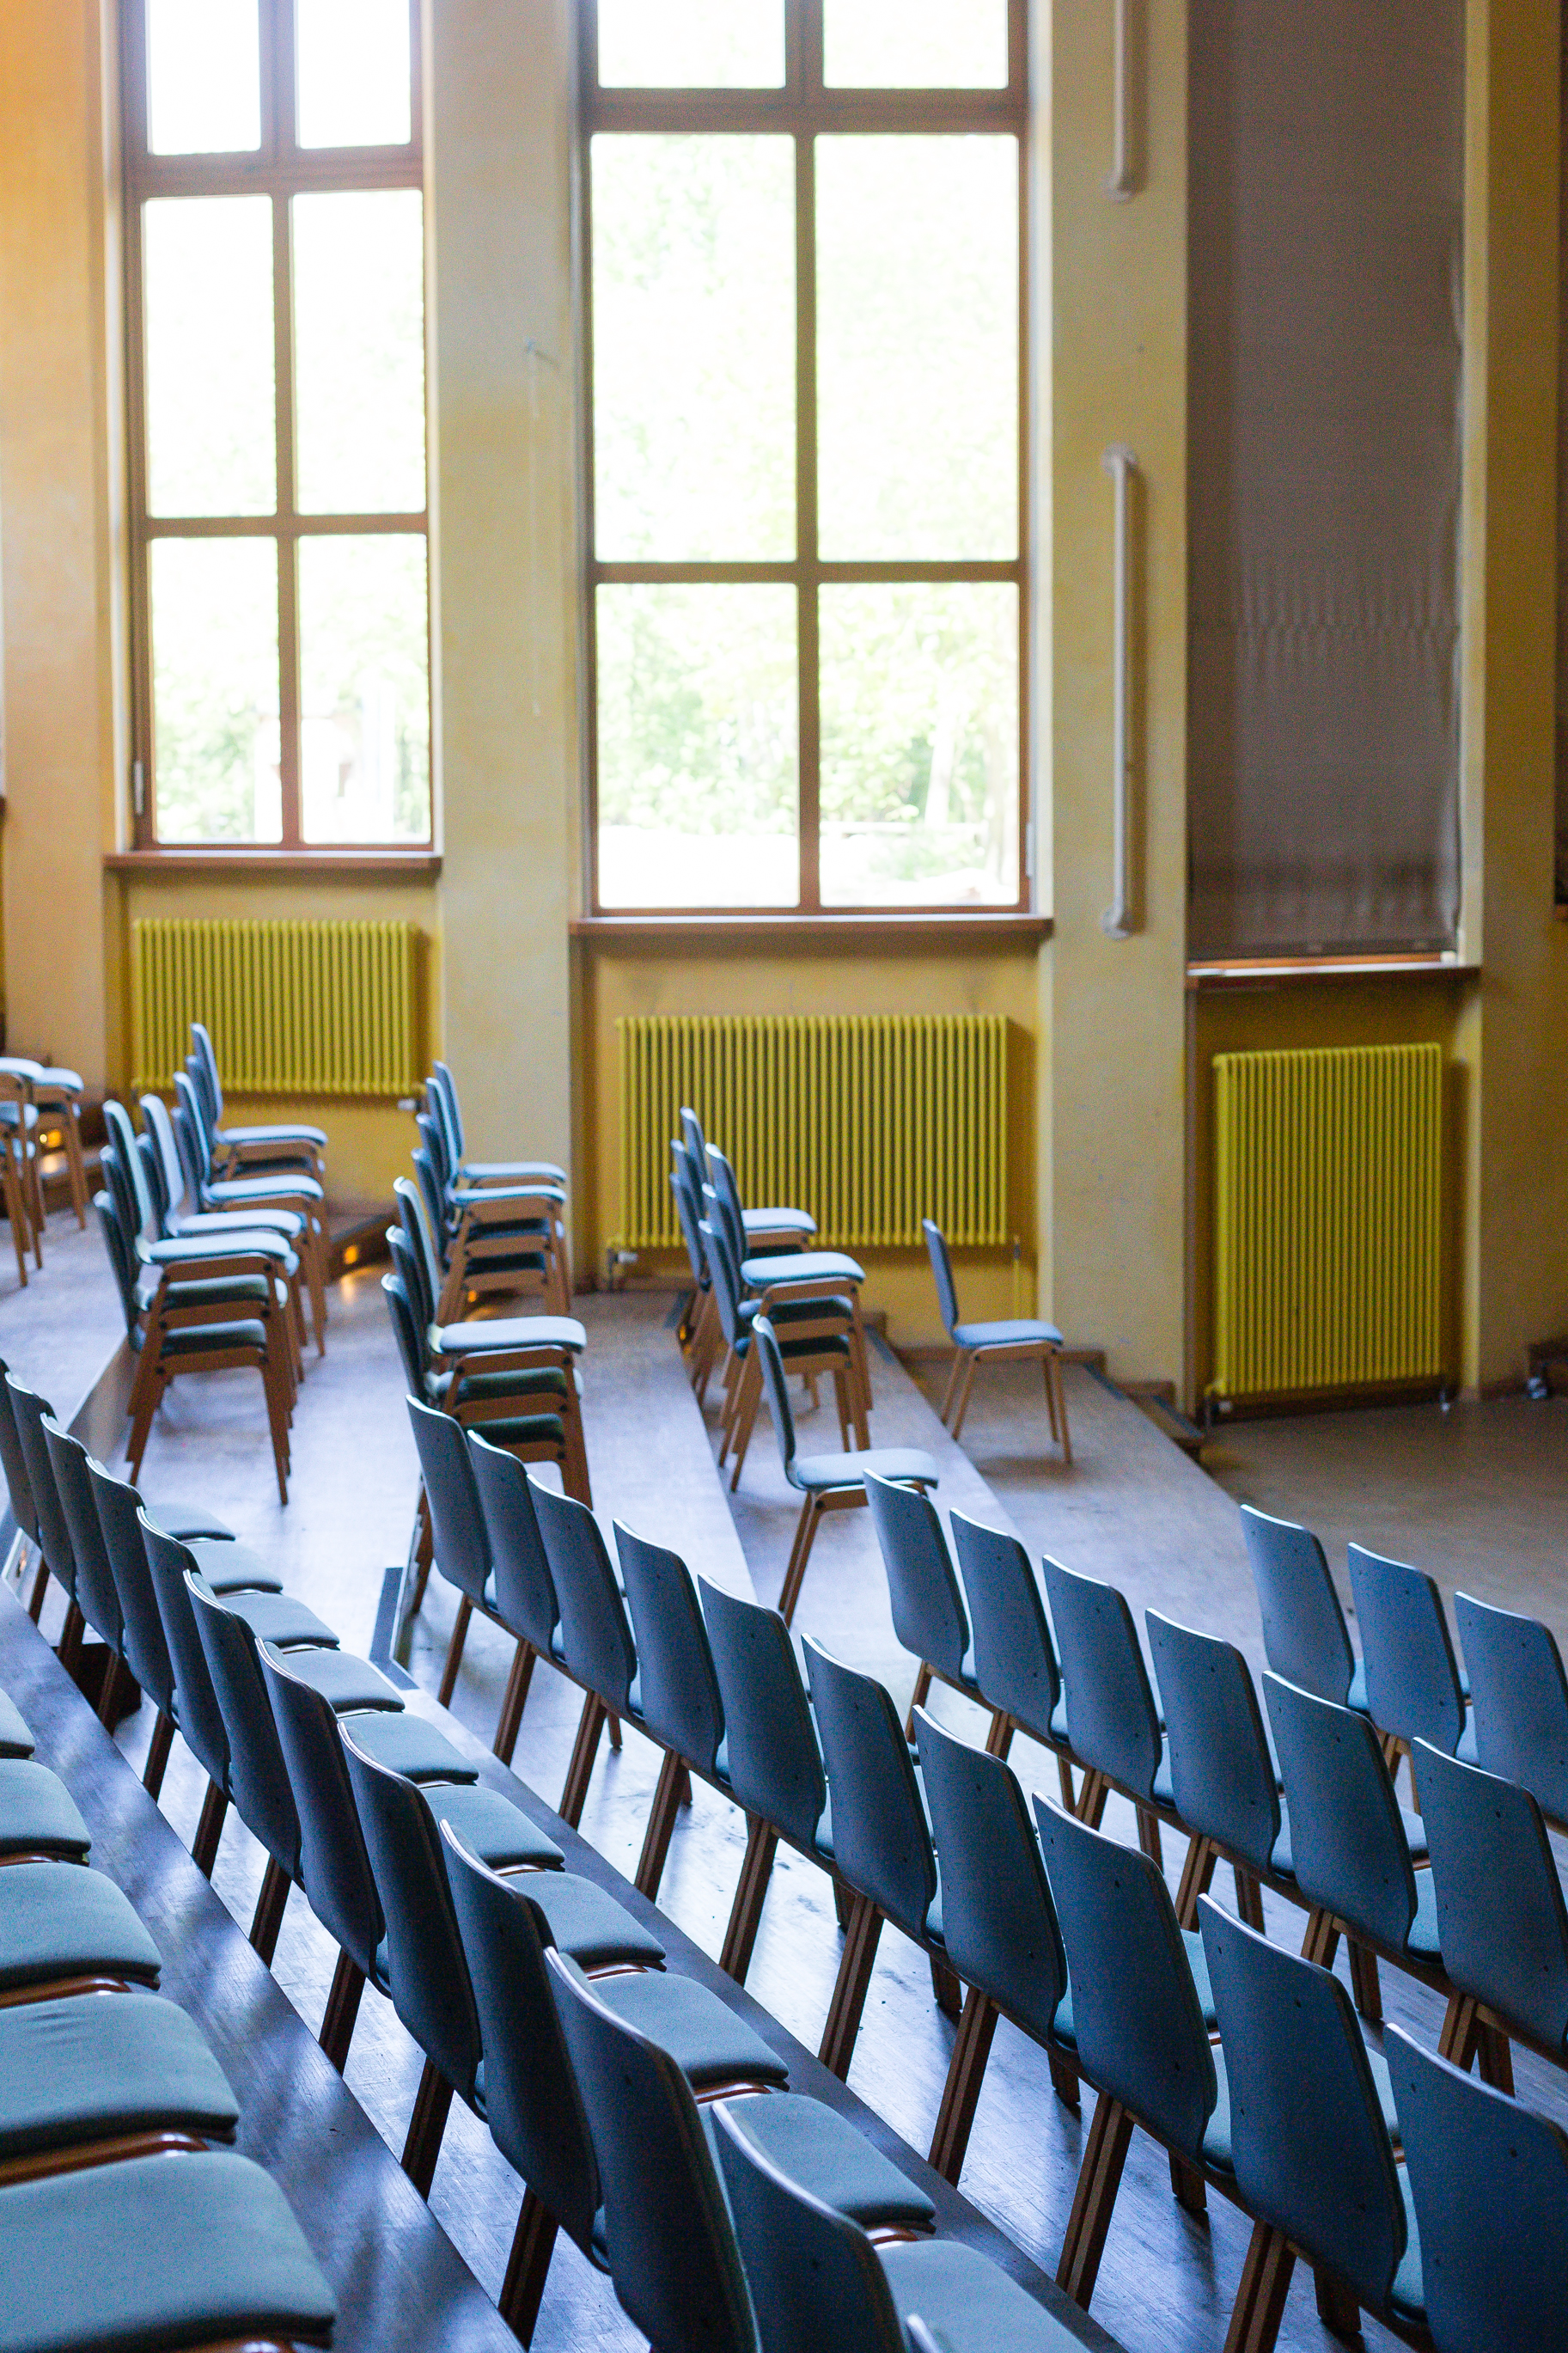 Gebäudereinigung_Muenster_Steinfurt_Wilmsberg_Clean_Polsterreinigung©MadalinaSheldon_22.jpg